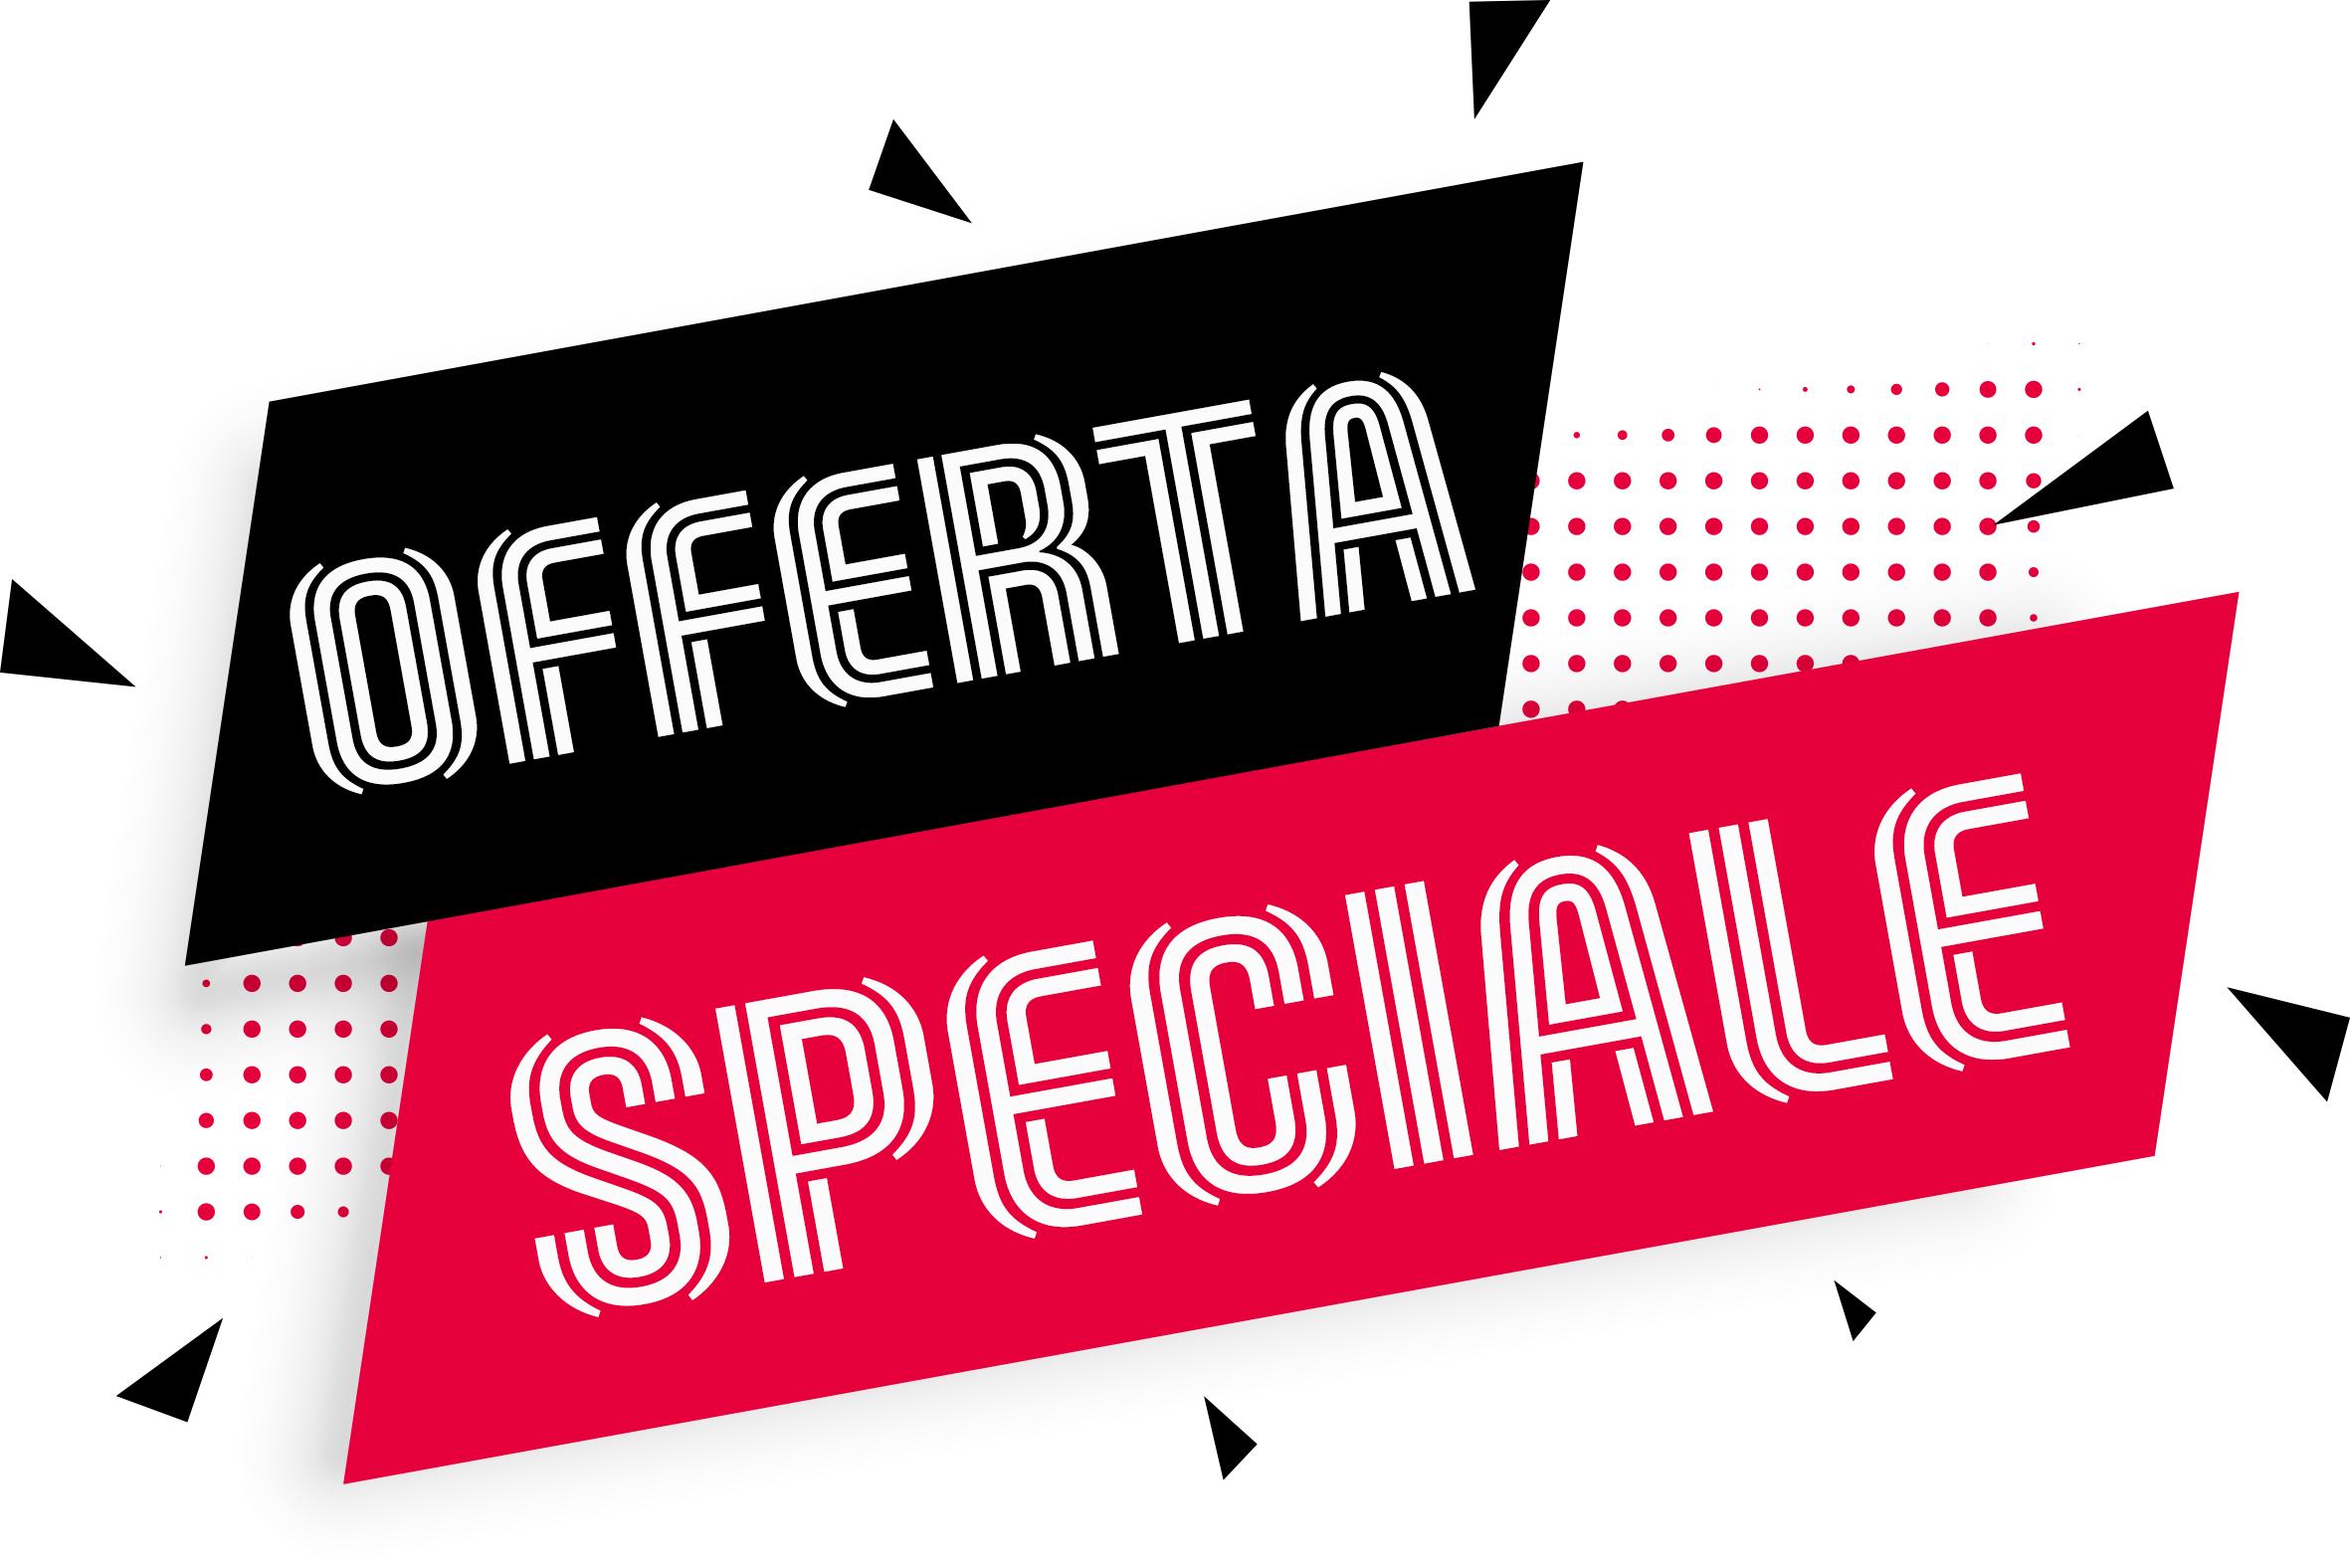 Offerta speciale agli iscritti a YES WE CAMP di Legnago e Zevio 2021